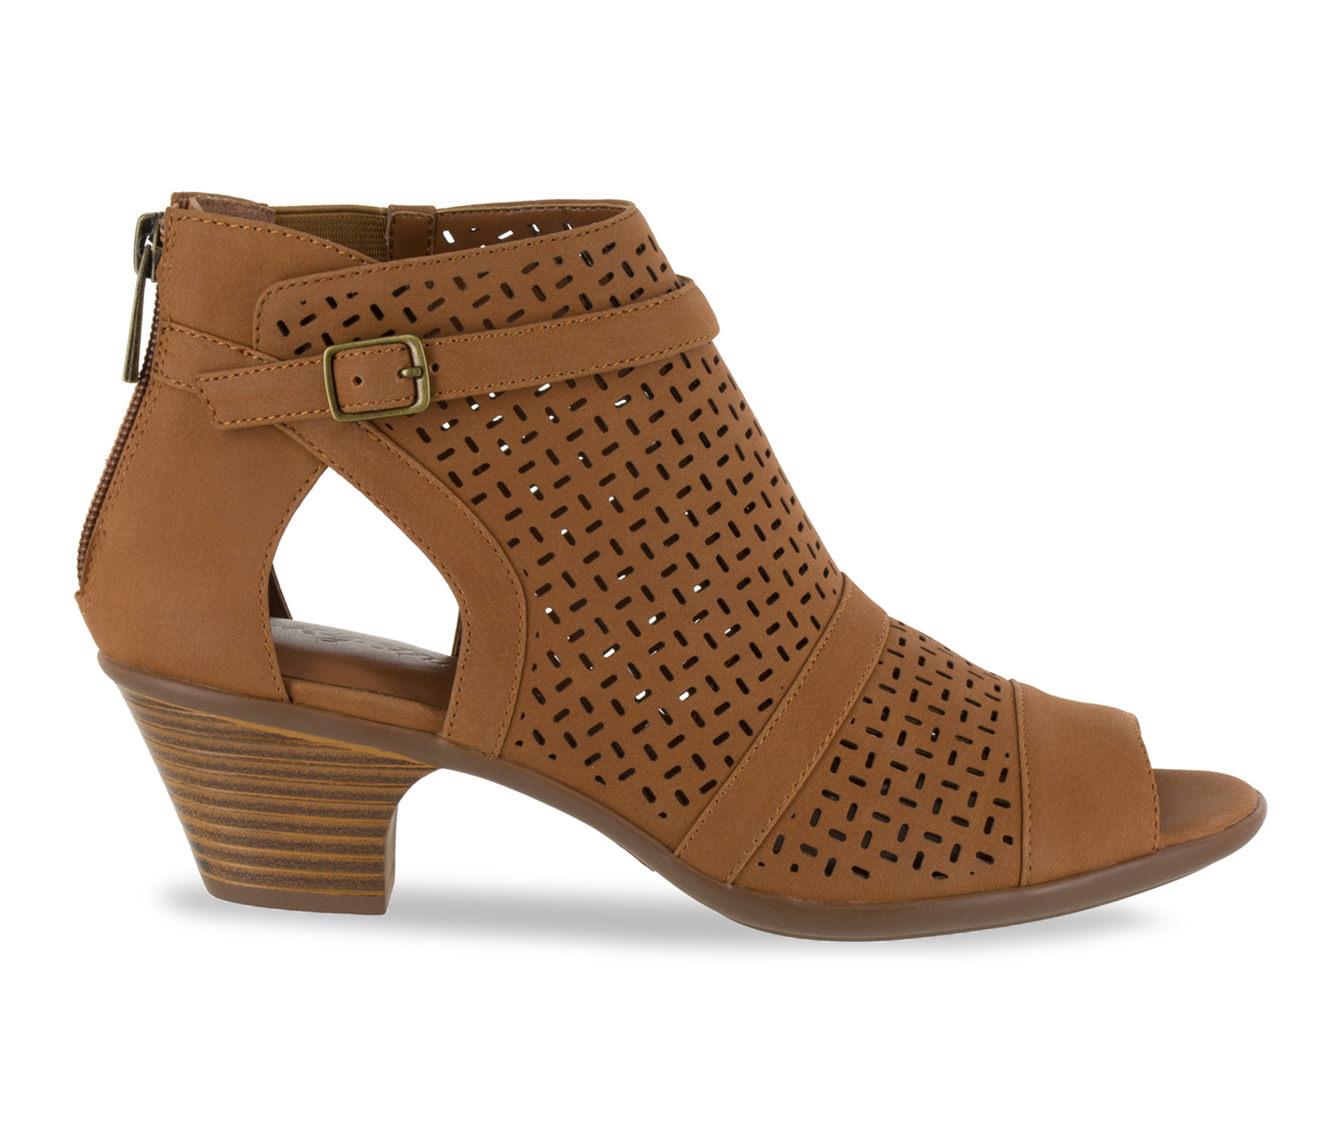 Easy Street Carrigan Women's Dress Shoe (Beige - Faux Leather)